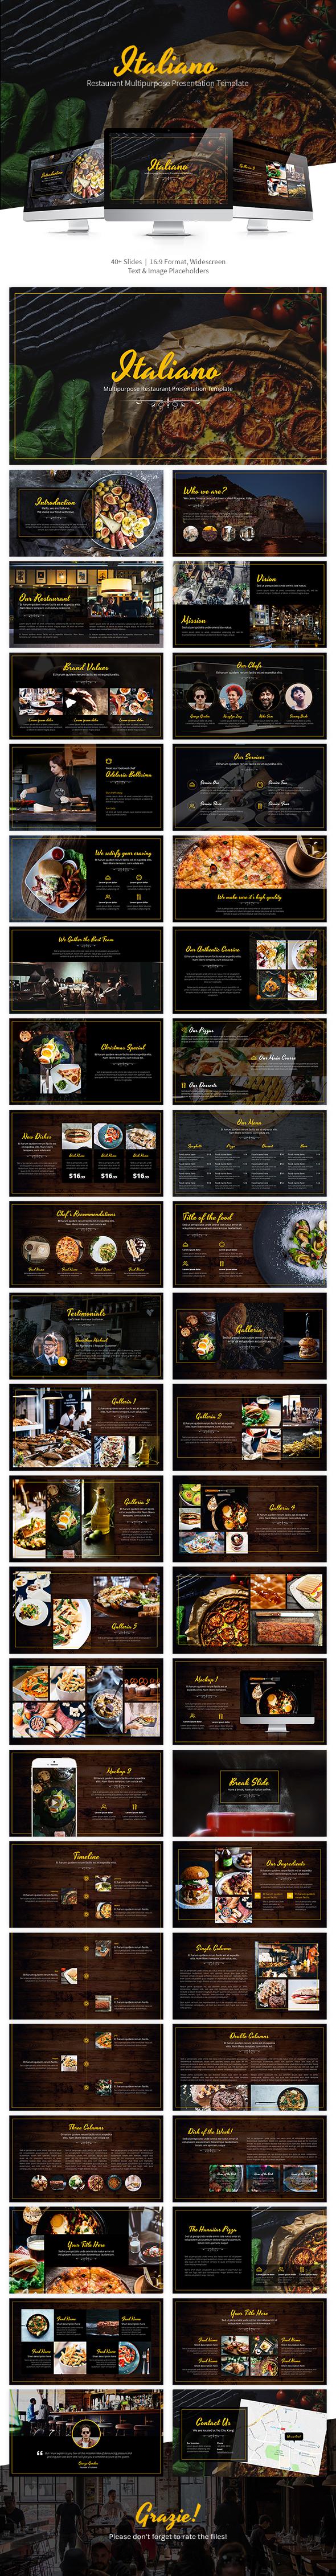 GraphicRiver Italiano Multipurpose Keynote Presentation Template 21120027